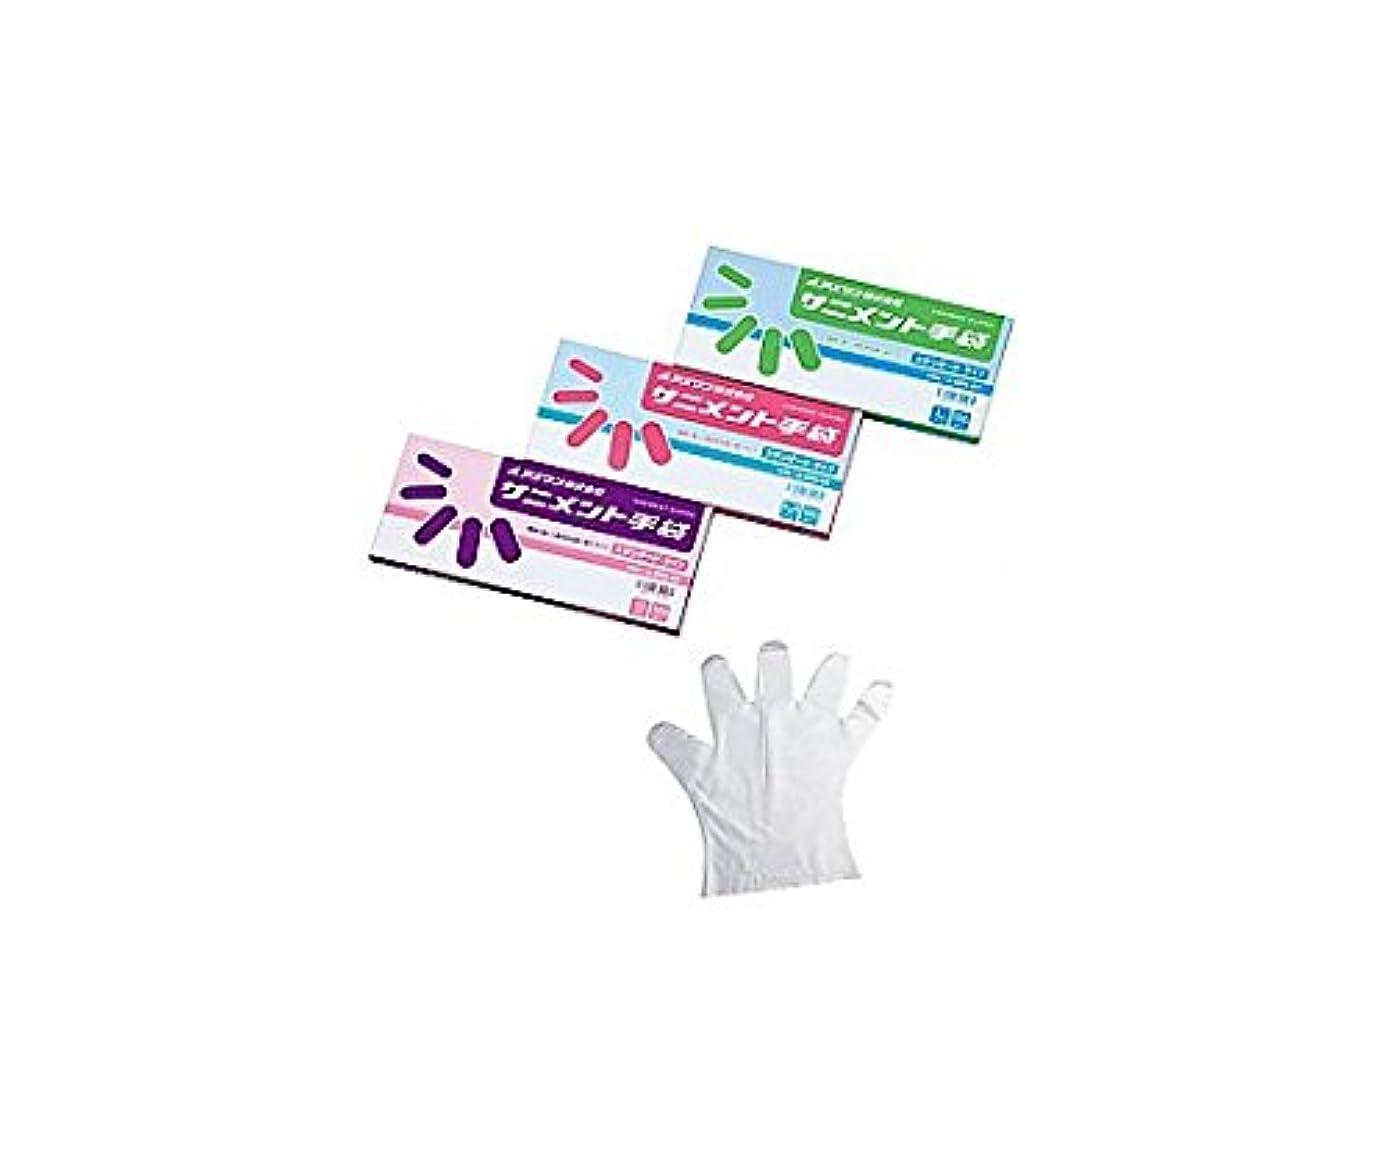 食欲もう一度キウイアズワン9-888-01ラボランサニメント手袋(PE?厚手タイプ)スタンダードL10箱+1箱